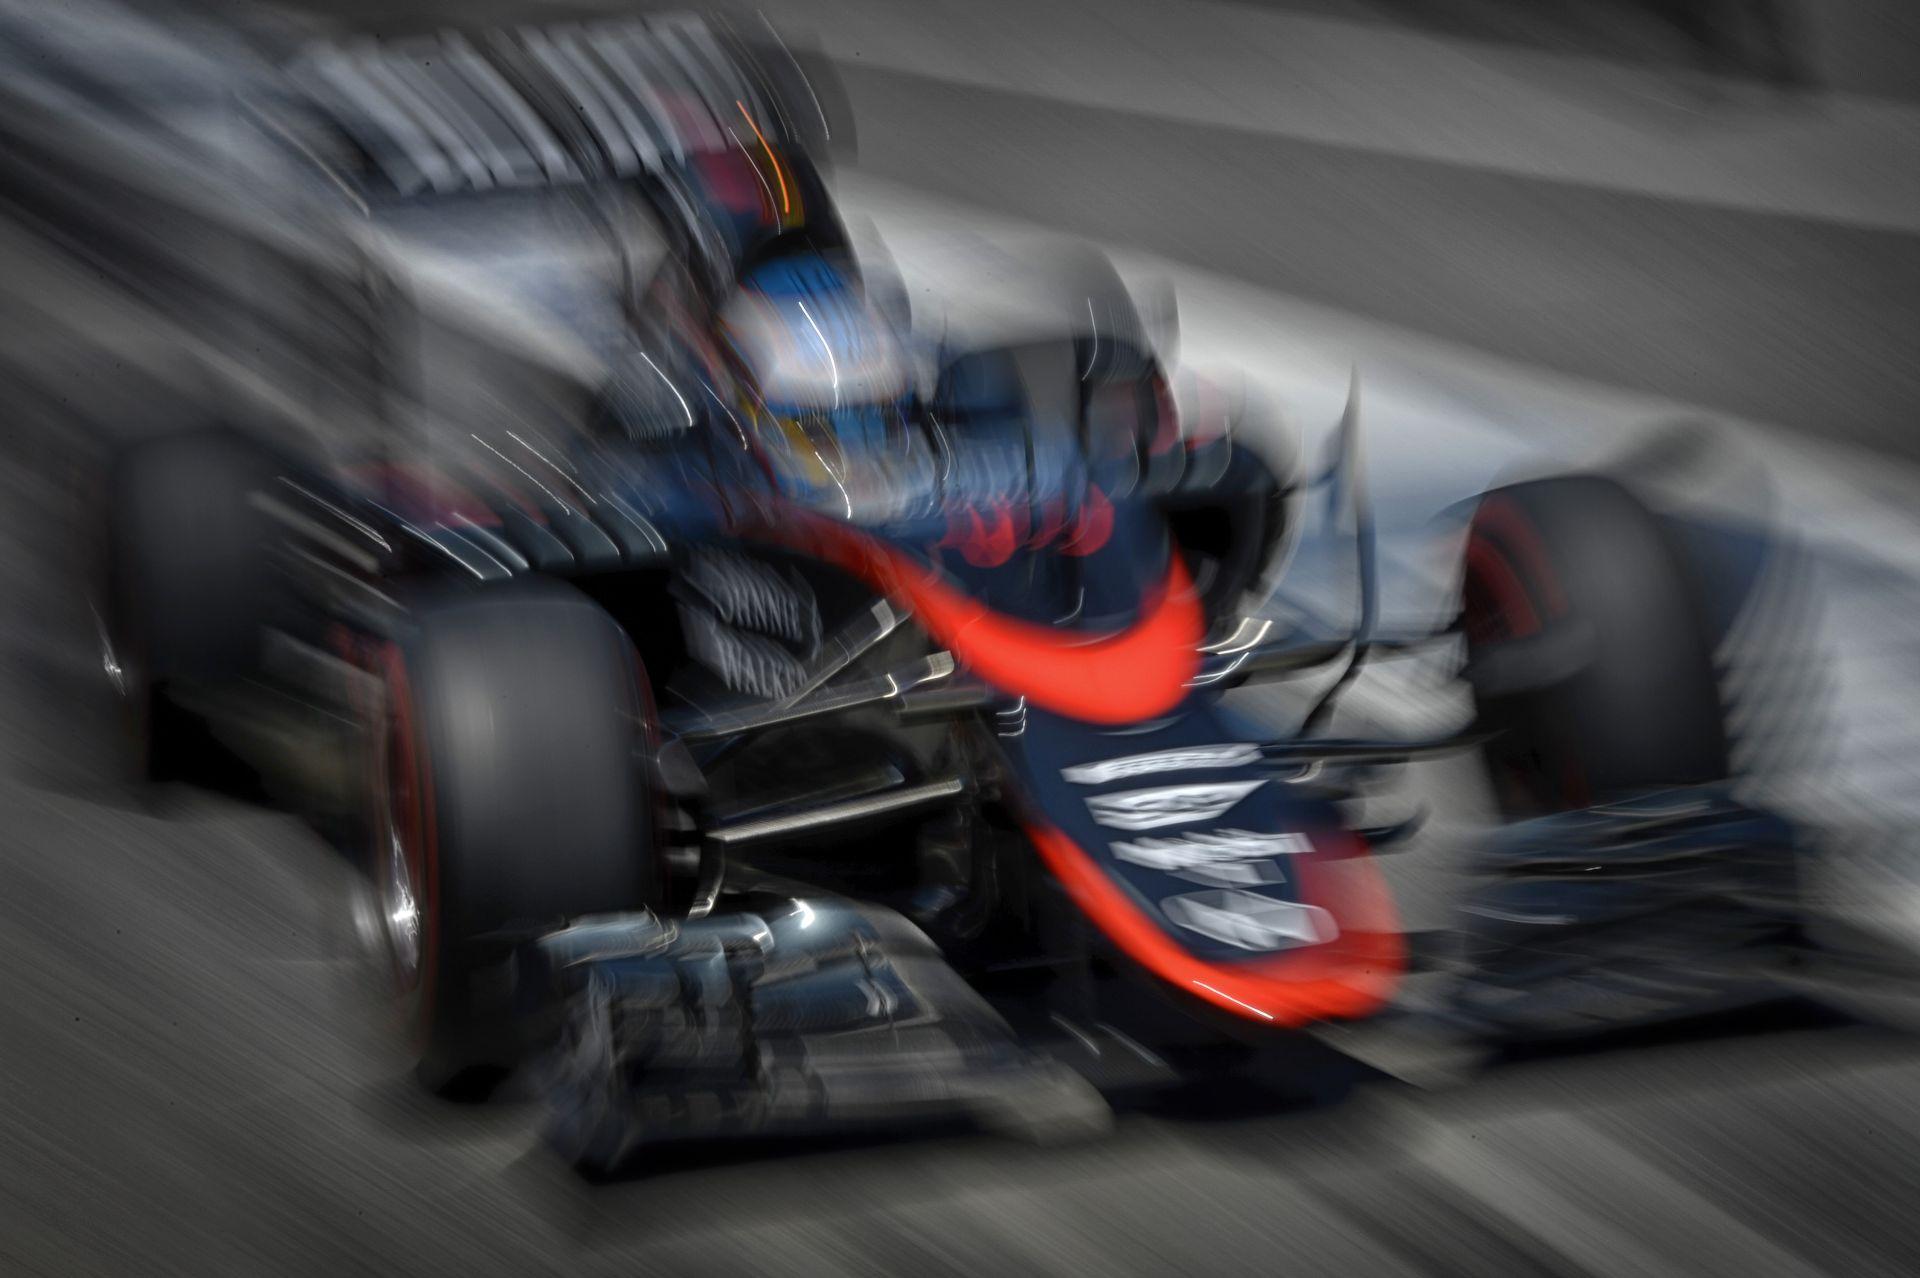 Alonso kapja meg a legújabb fejlesztésű Honda motort: cserébe a rajtrács végéről rajtol